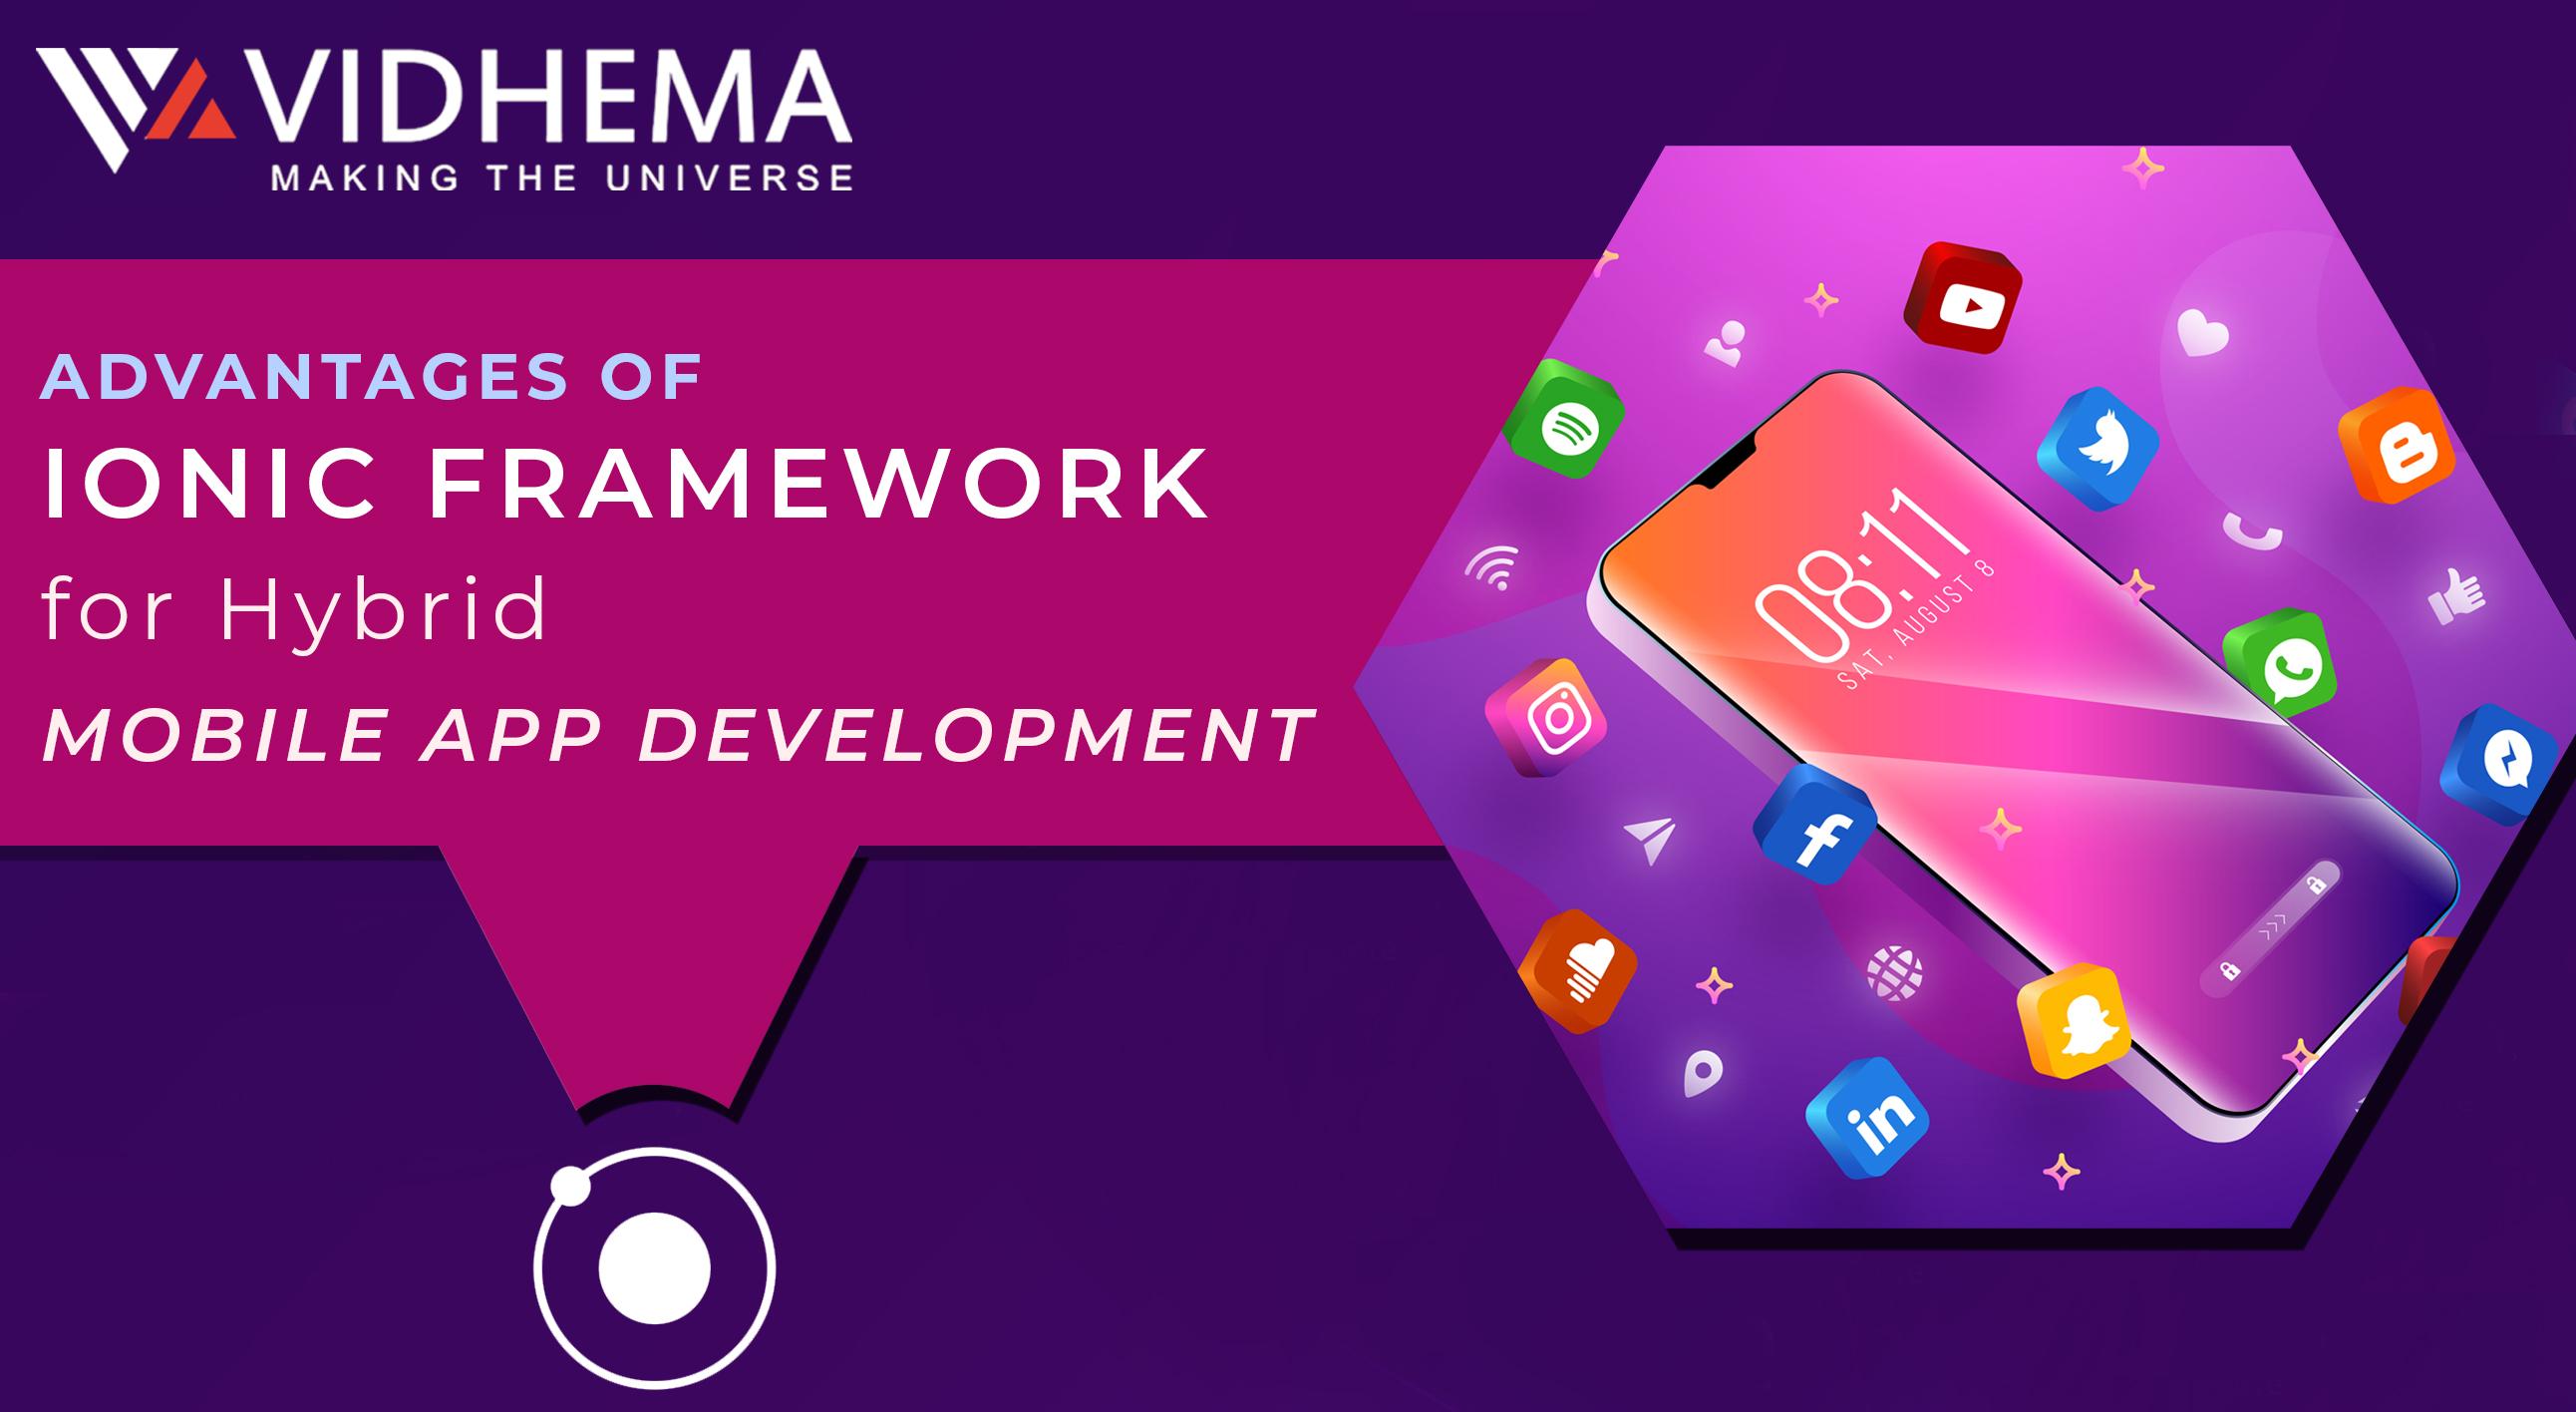 Advantages of Ionic Framework for Hybrid Mobile App Development